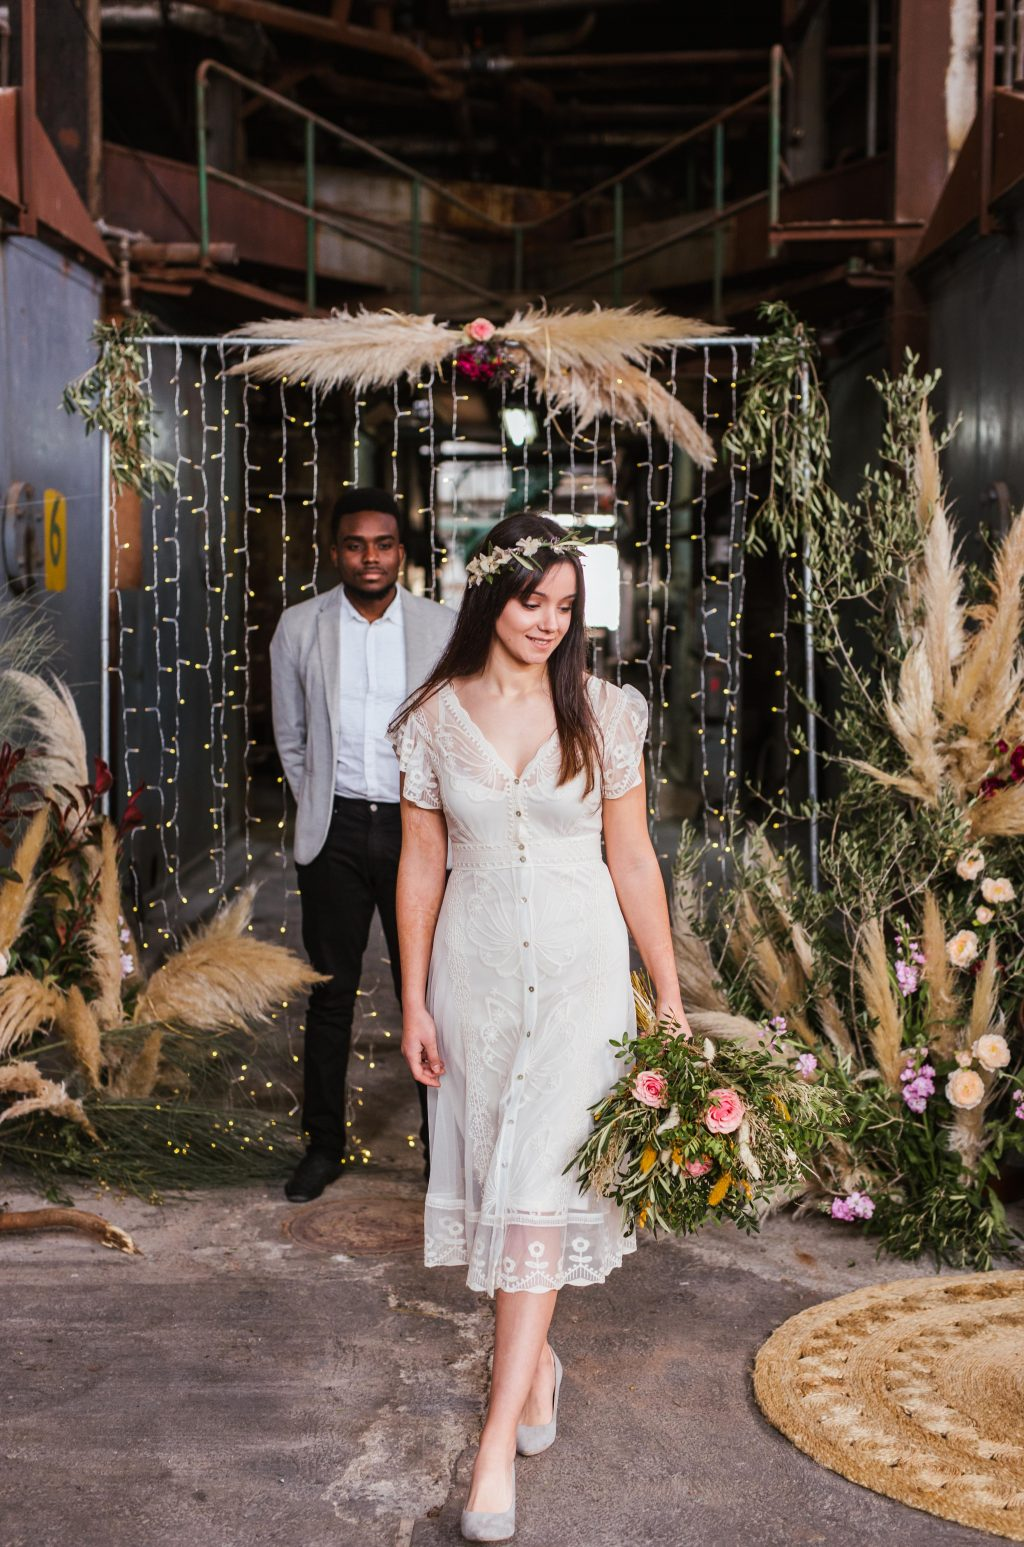 Inspiración para boda industrial editorial 14 - Inspiración para una Boda Industrial y Boho